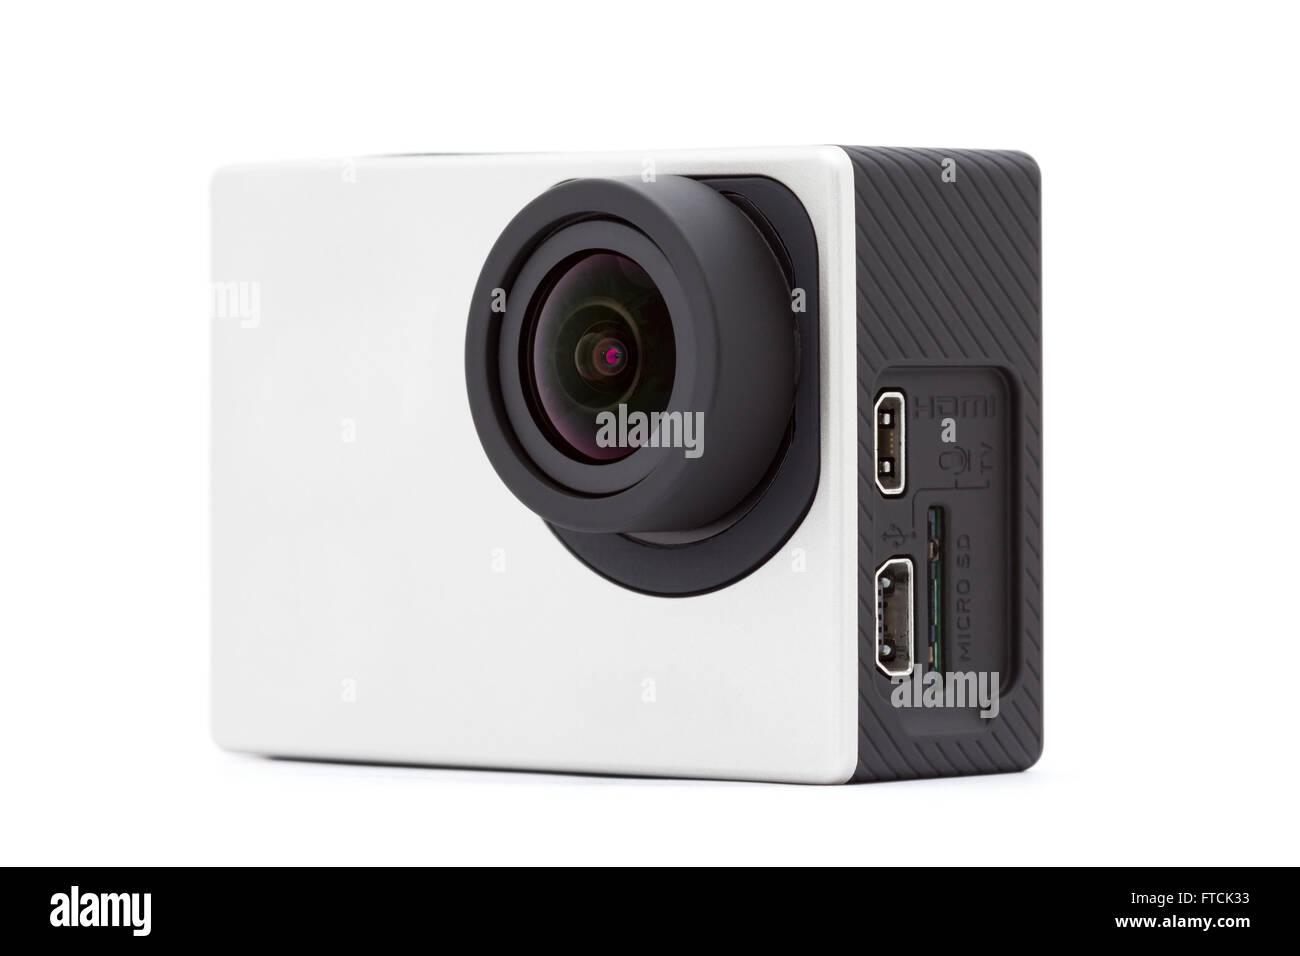 extreme sport camera on white background - Stock Image